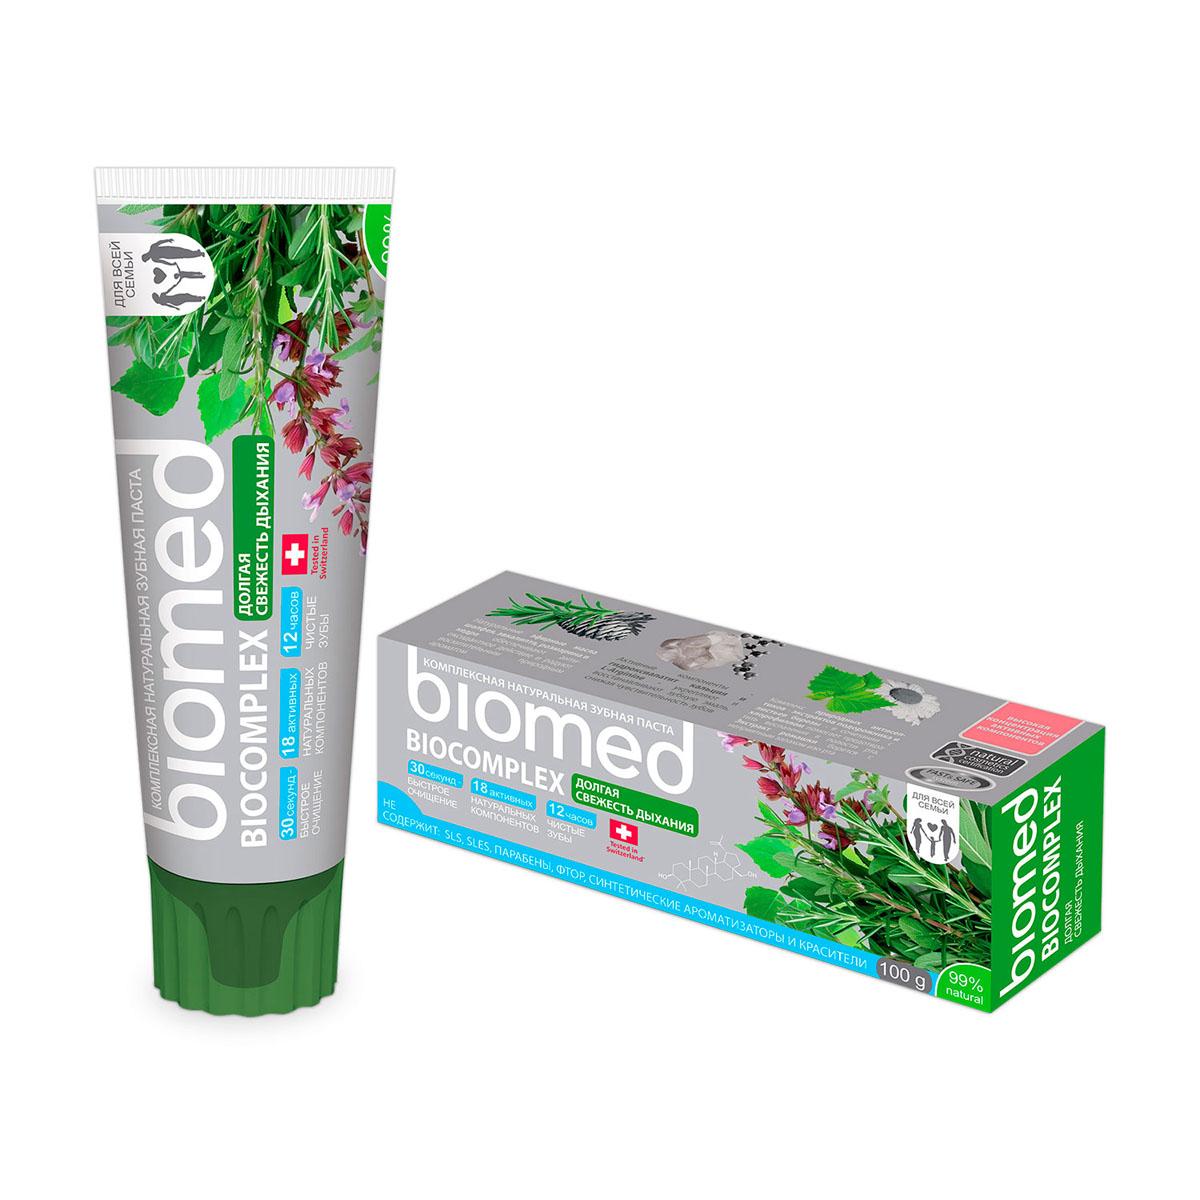 Biomed Зубная паста Biocomplex / Биокомплекс, 100 гБИ-191Комплекс природных антисептиков предотвращает воспаления в полости рта. Долгая свежесть дыхания. Особенности состава: Не содержит: SLS, фтор, хим. отбеливающие компоненты, синтетические ароматизаторы, красители и продукты животного происхождения..